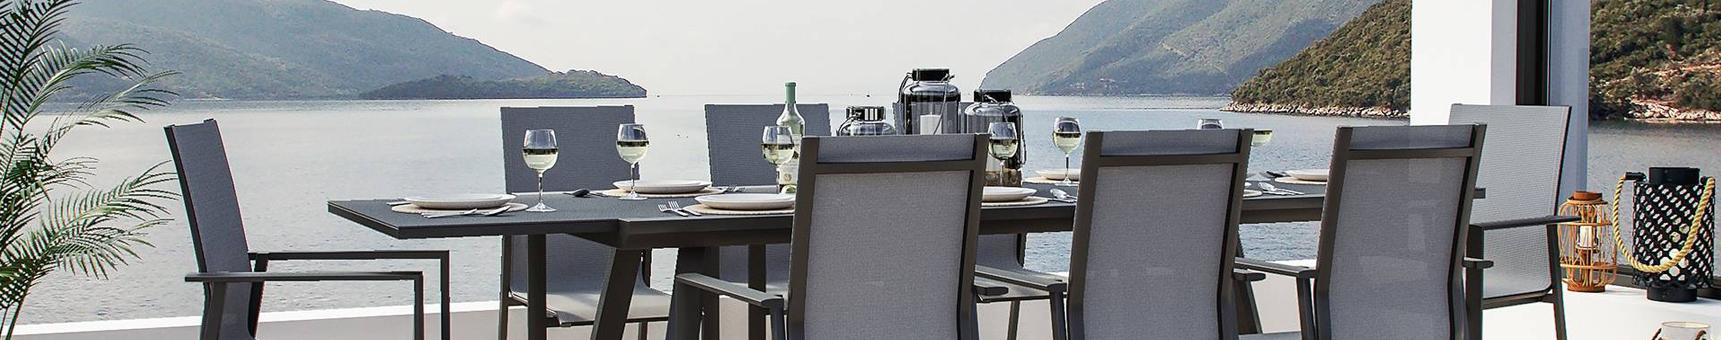 Set da pranzo con tavoli allungabili e sedute